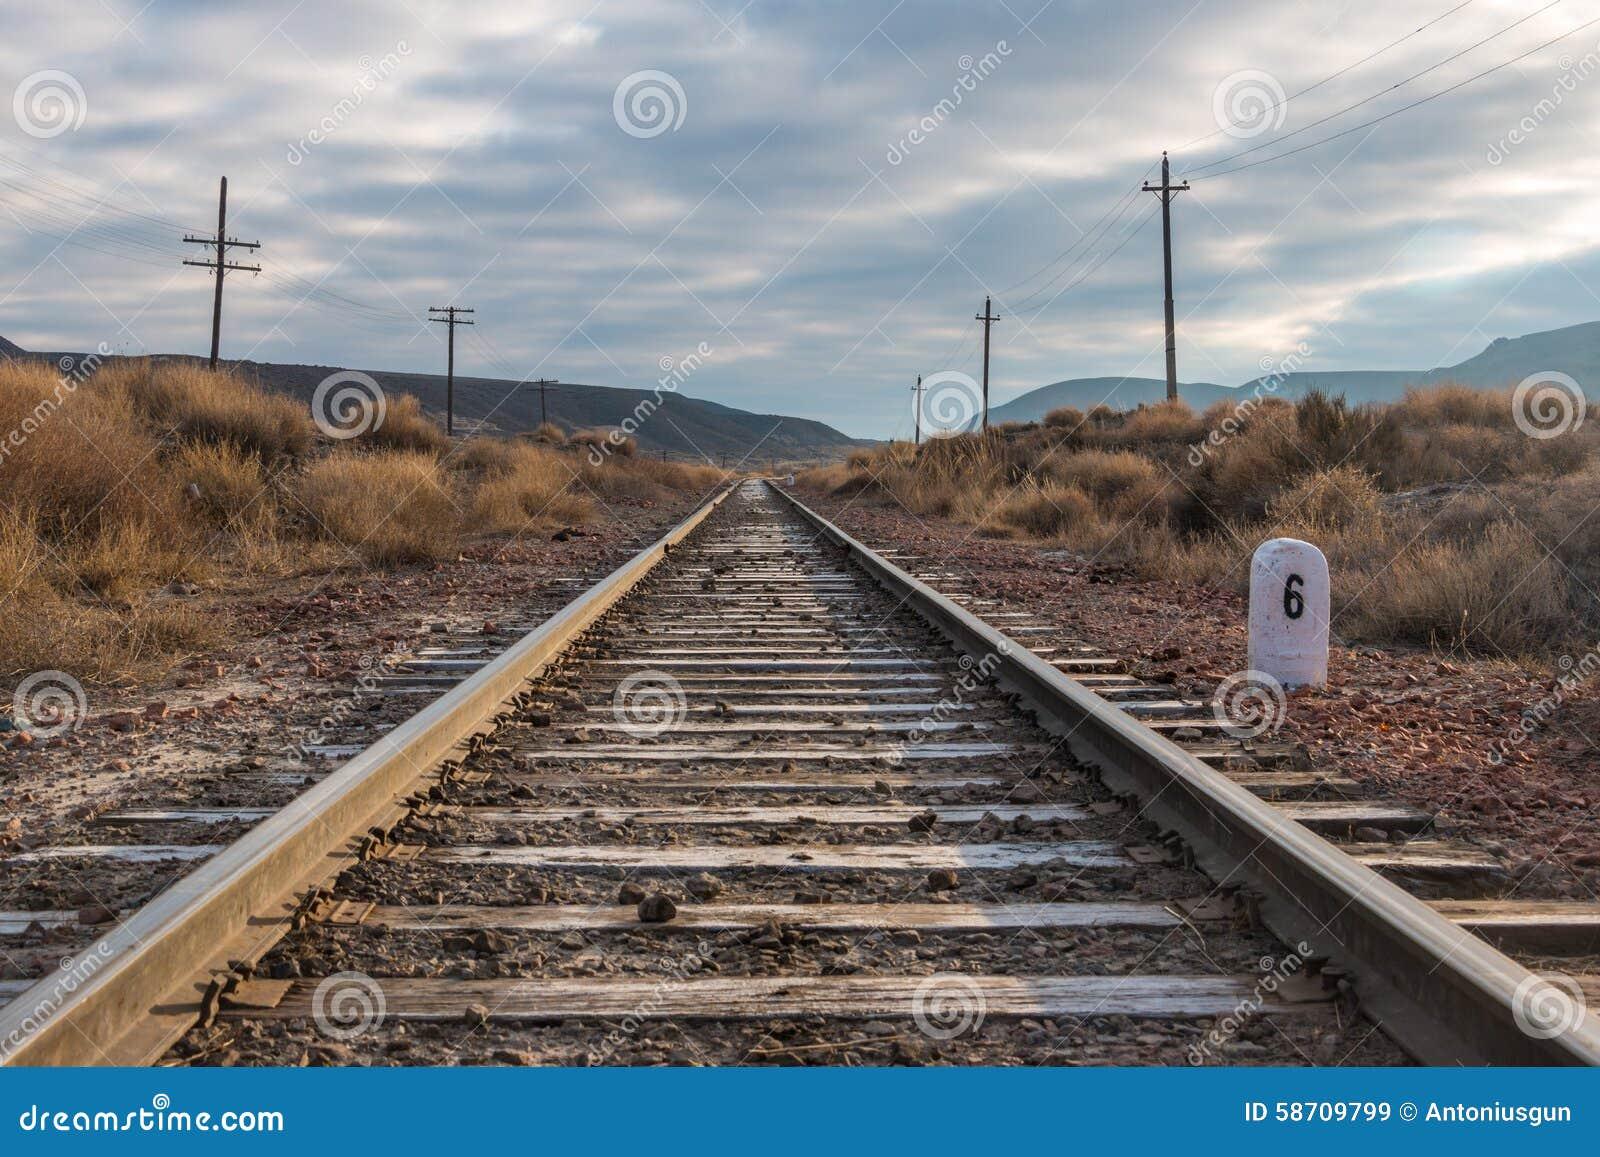 Railroad tracks Railroad